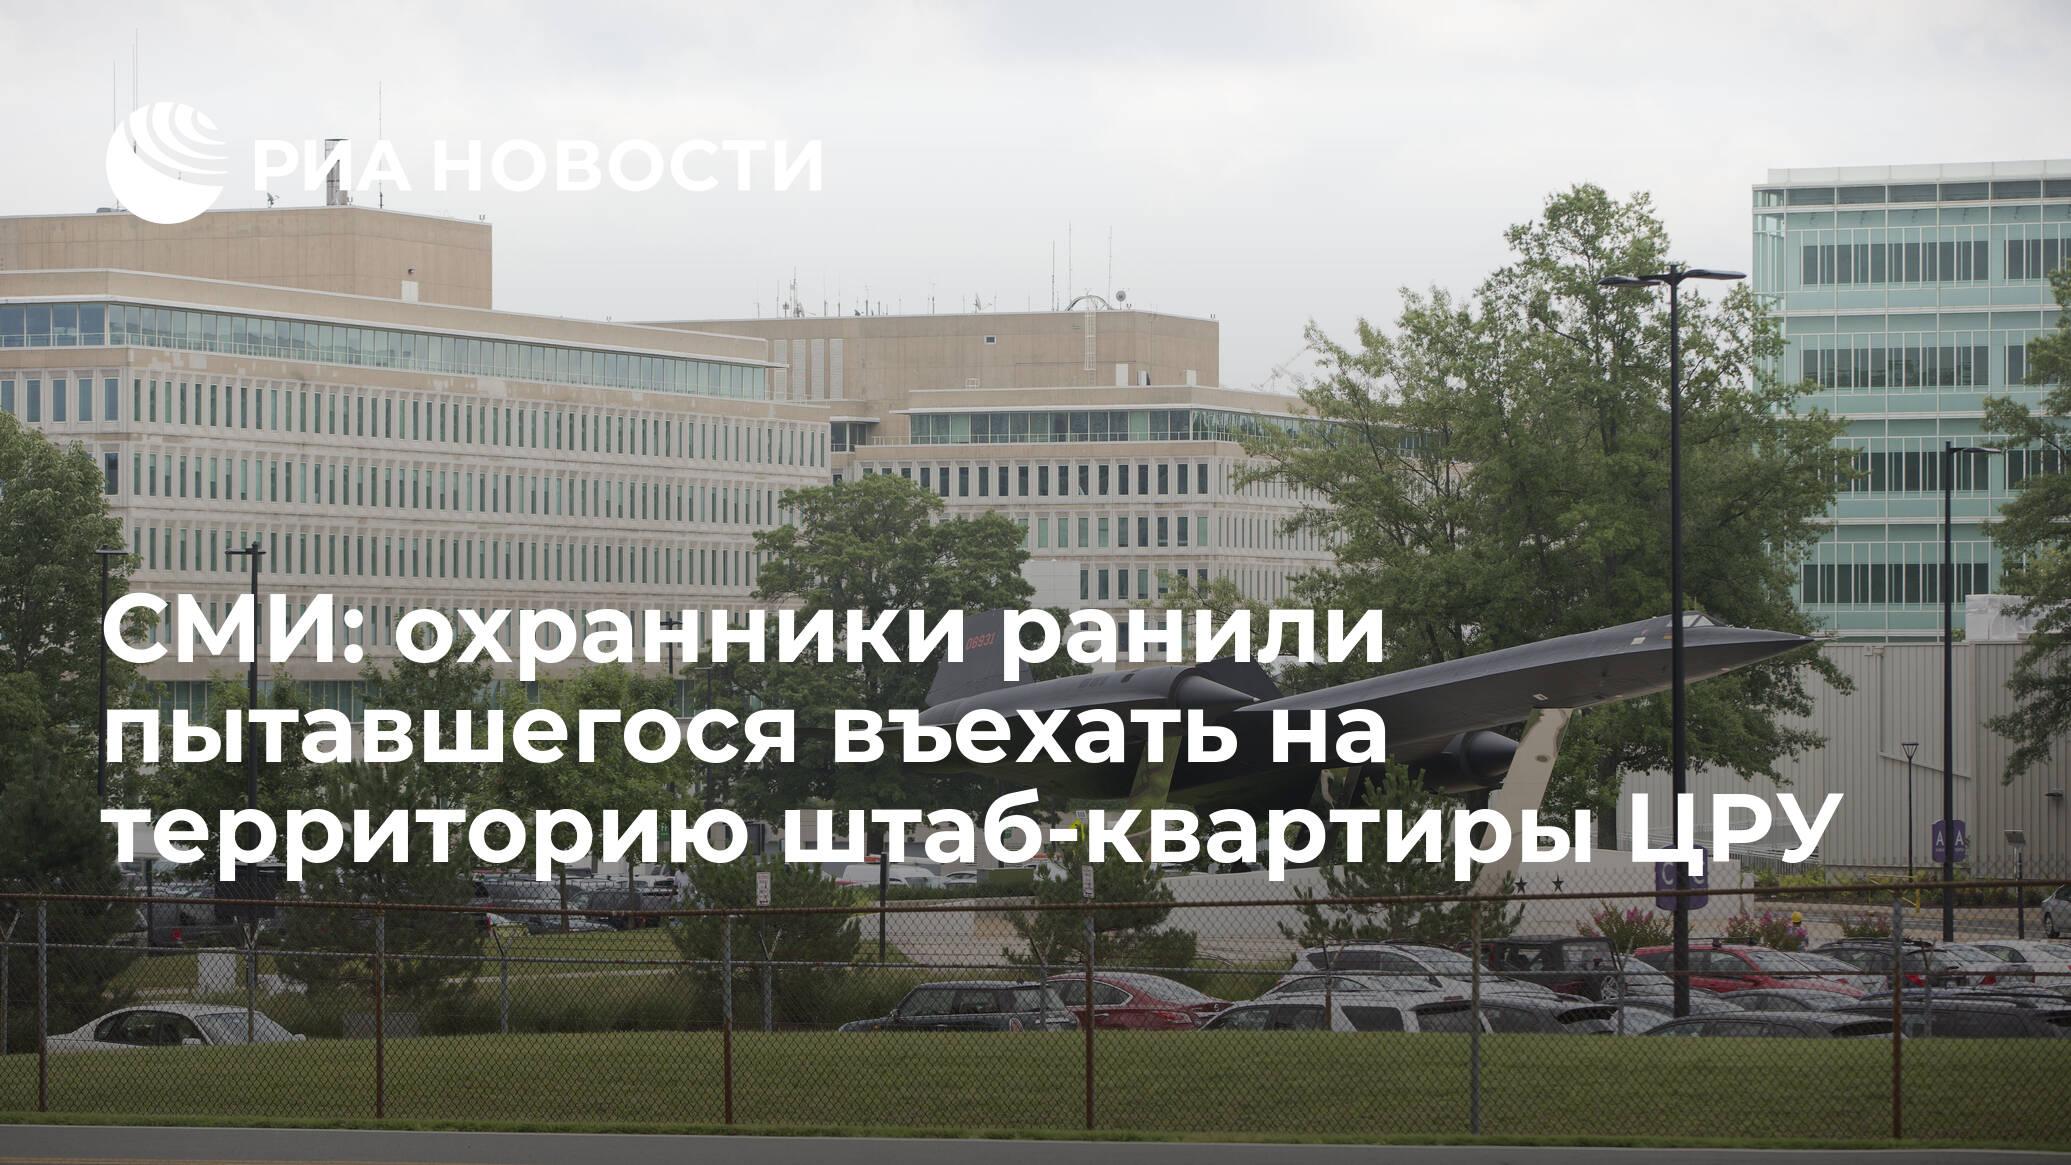 СМИ: охранники ранили пытавшегося въехать на территорию штаб-квартиры ЦРУ